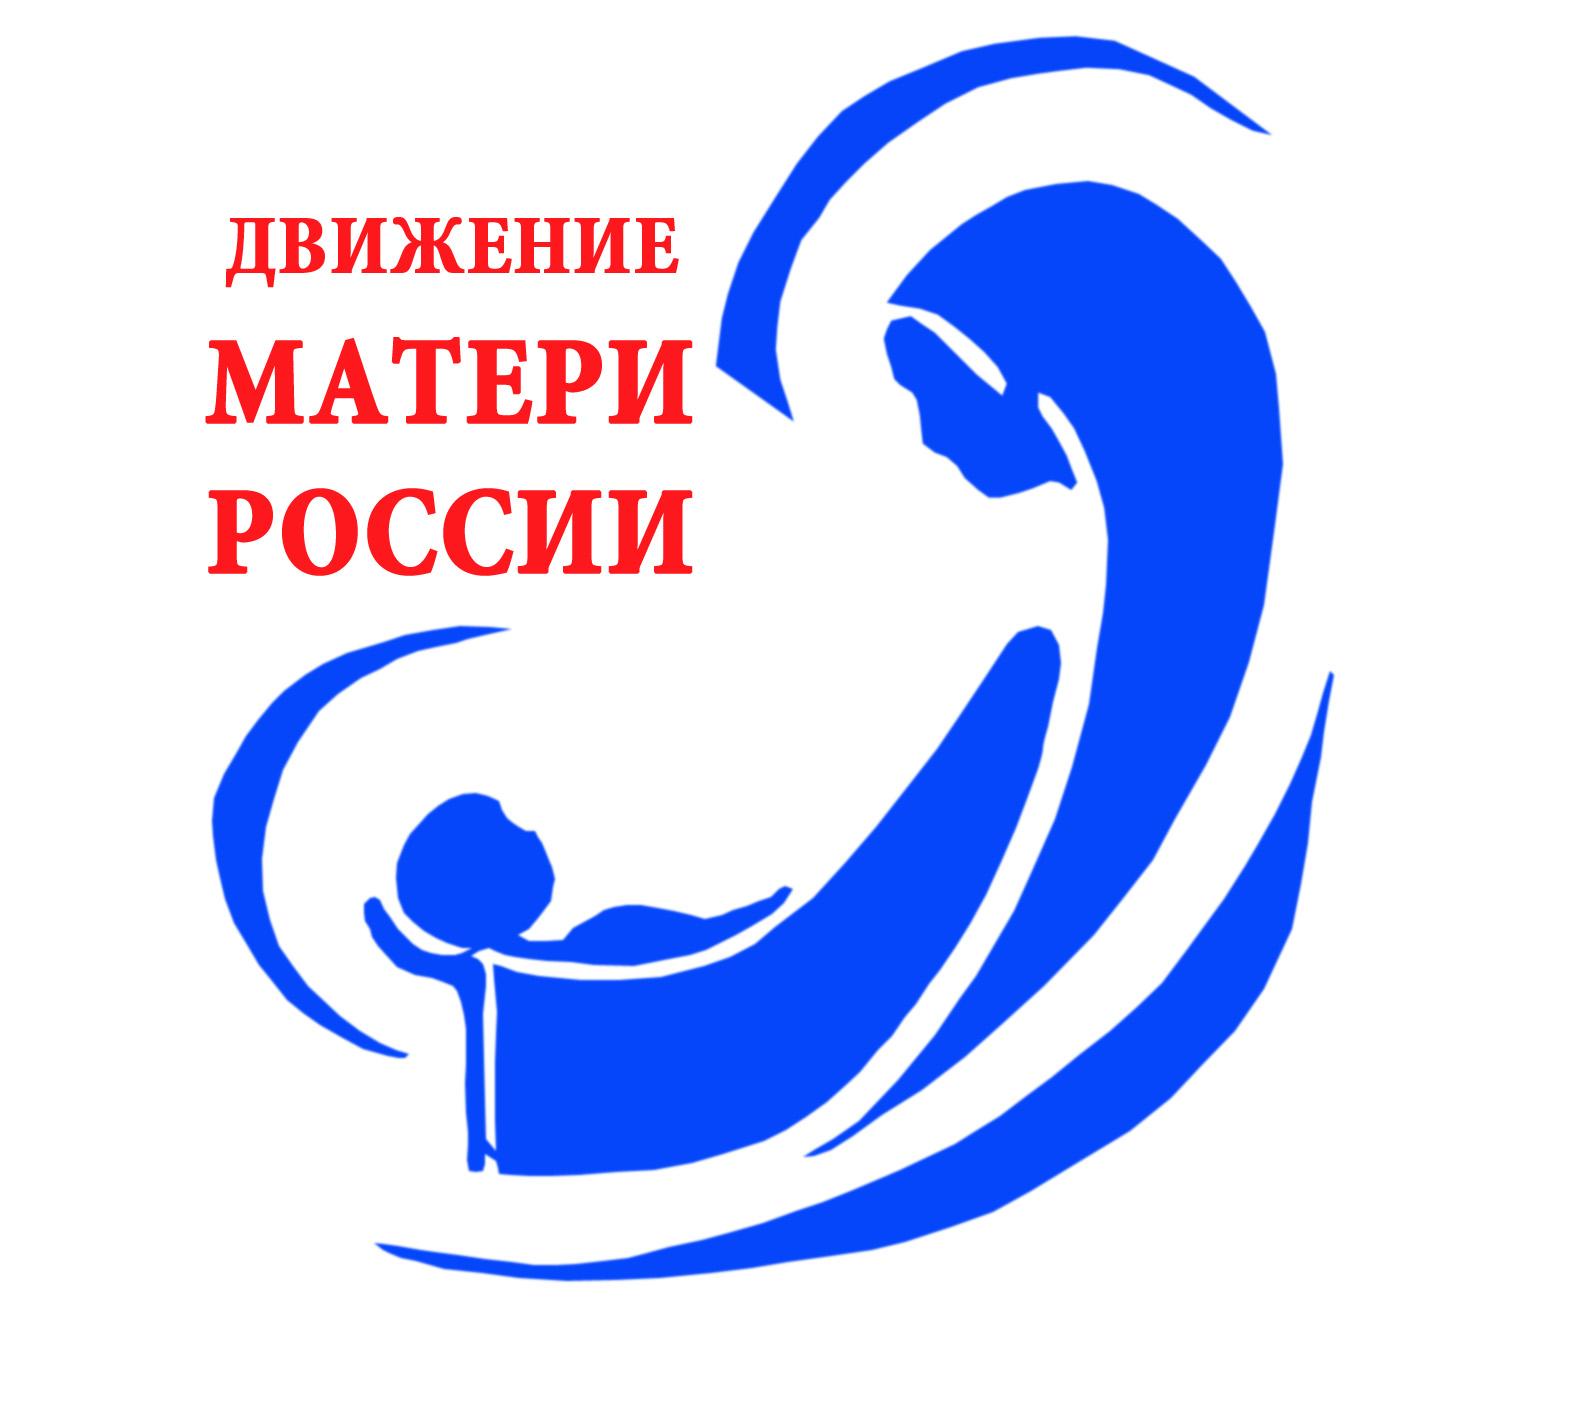 Смертность среди женщин от рака молочной железы в России снизилась на 15 процентов